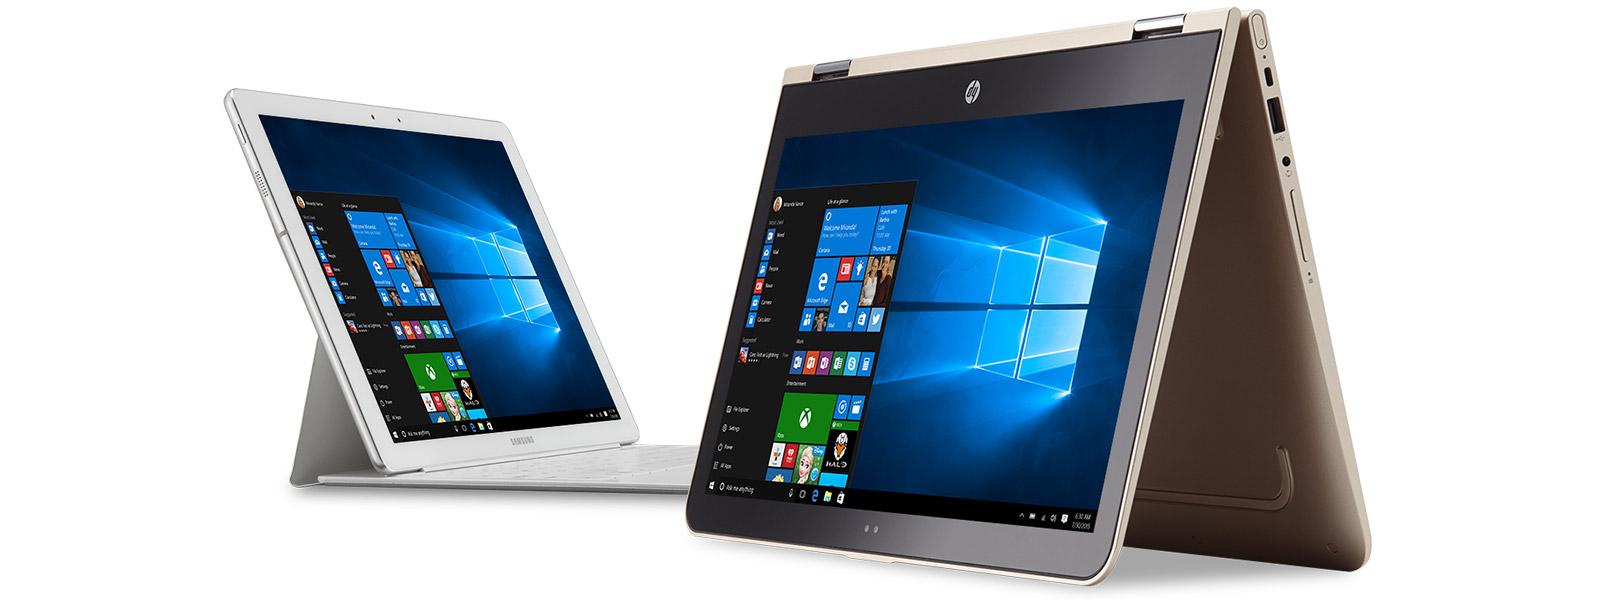 Συσκευές Microsoft με μενού έναρξης των Windows